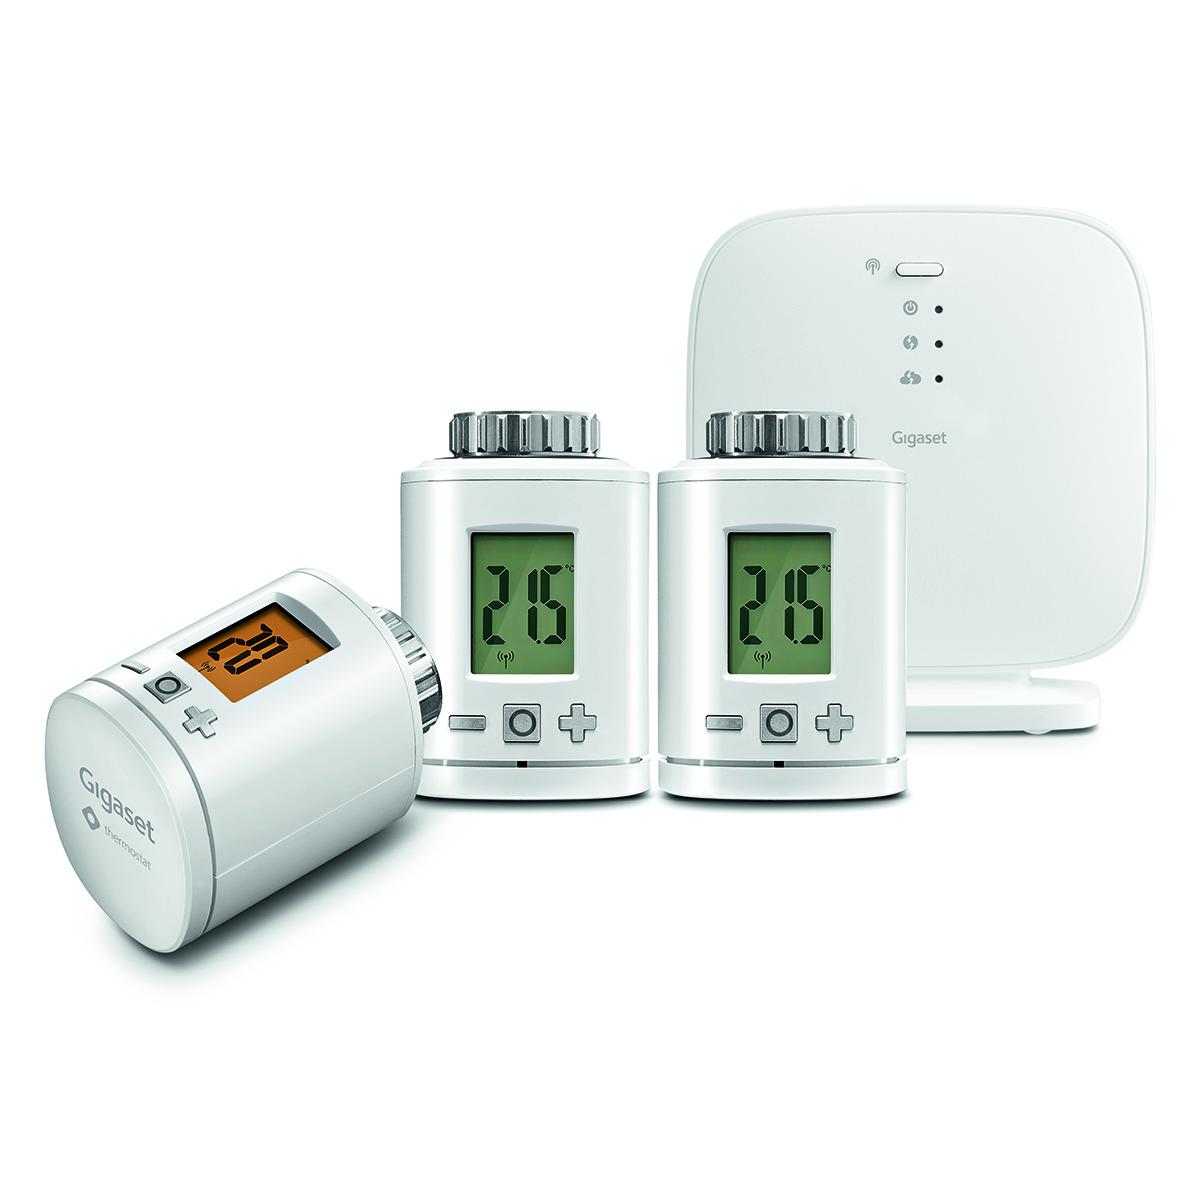 Gigaset presenta un sistema de calefacción para garantizar la temperatura adecuada